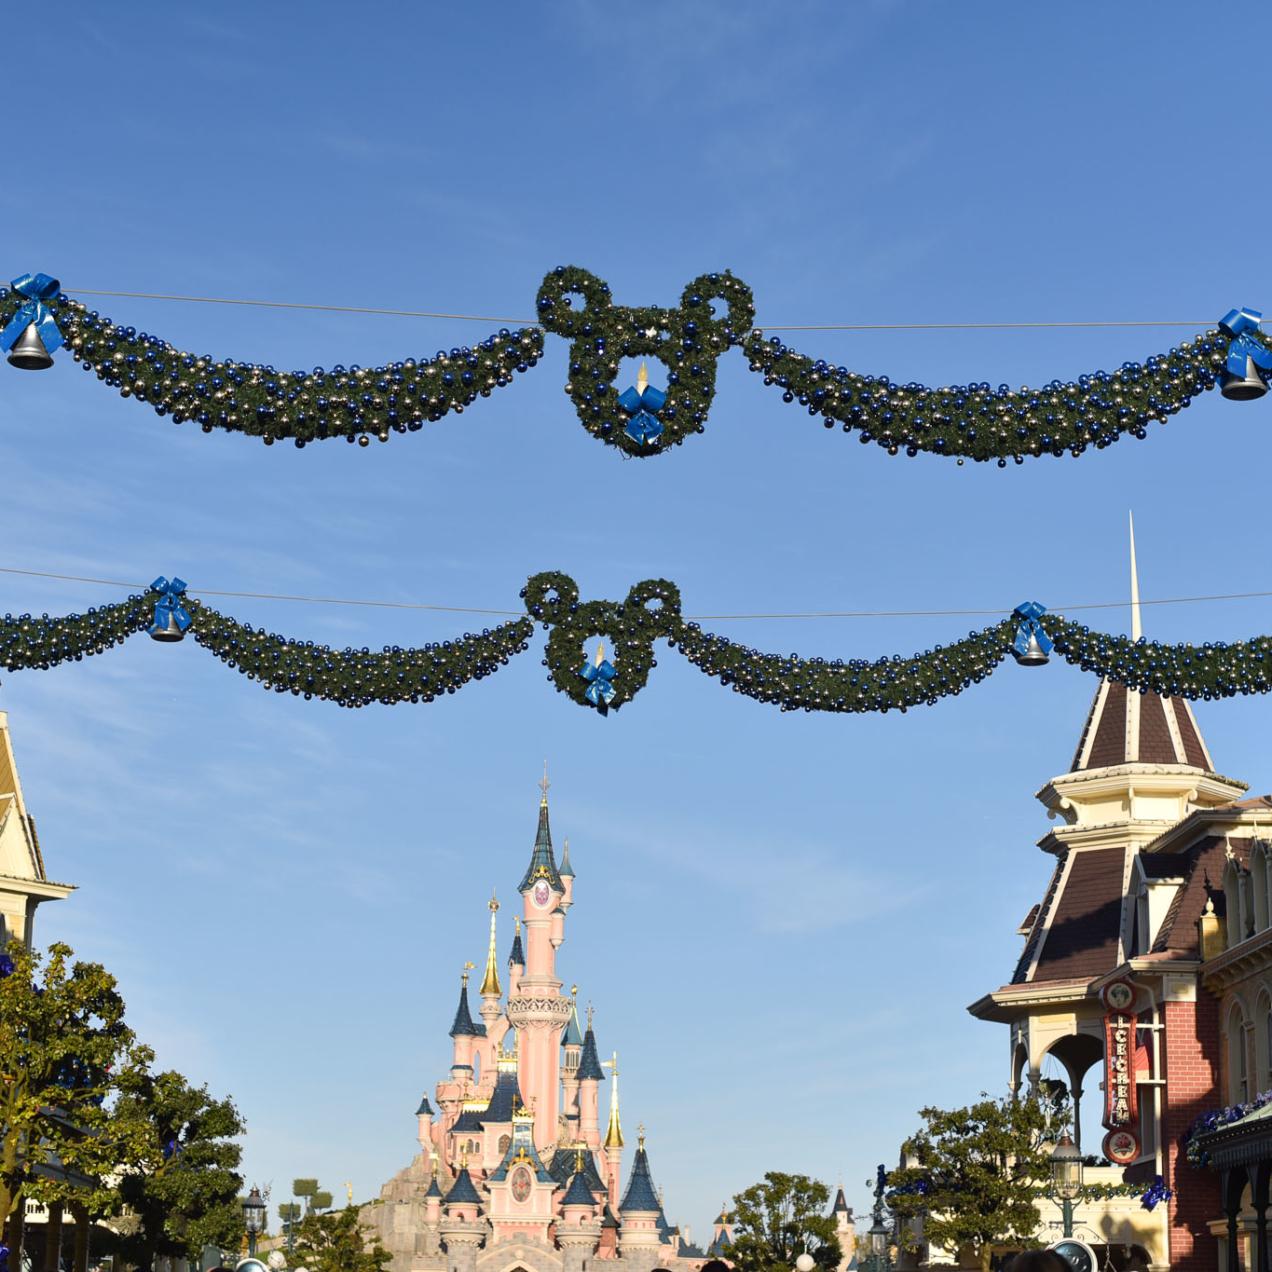 Noël est arrivé à Disneyland Paris